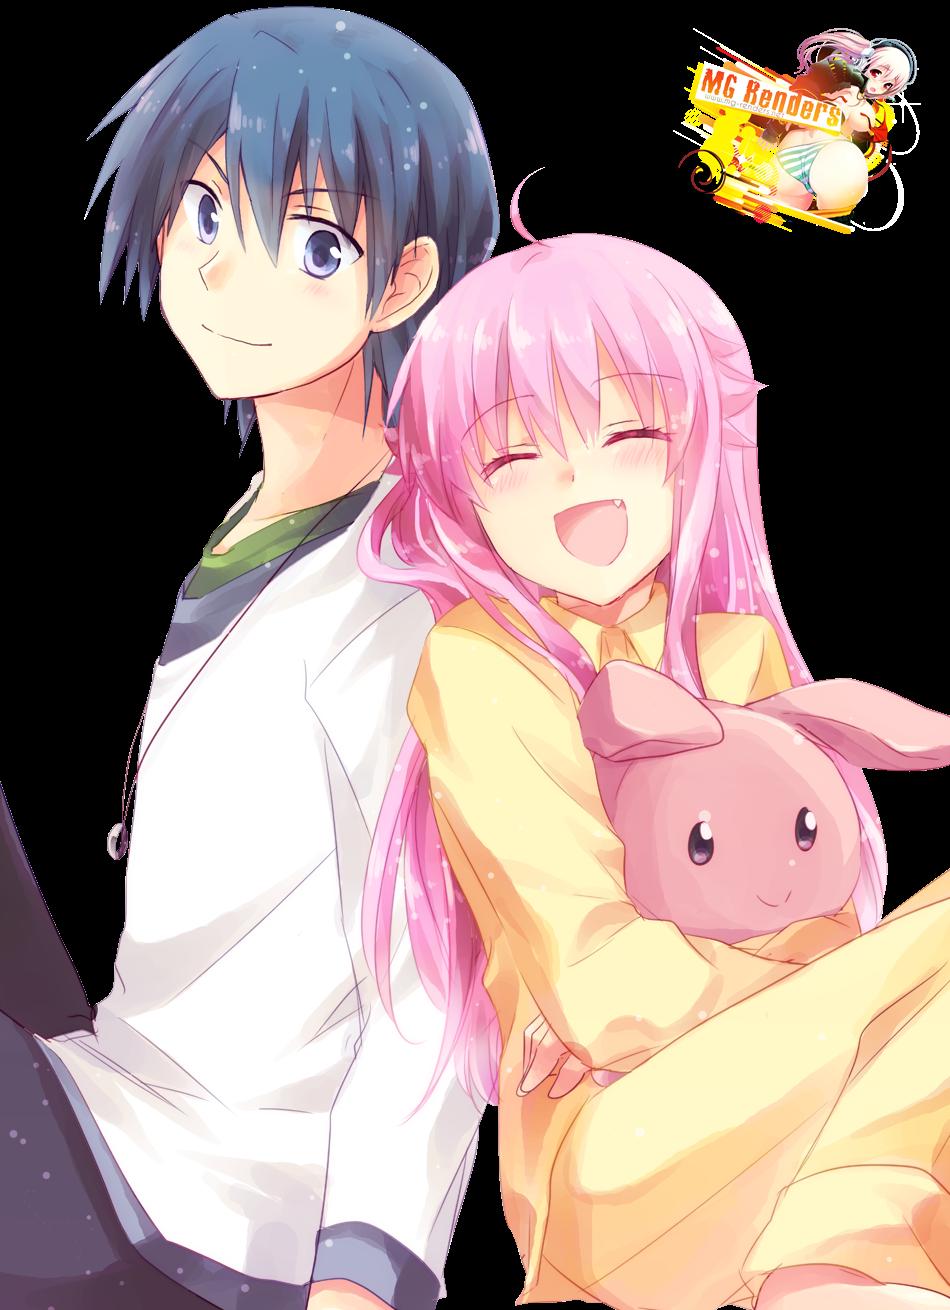 Yui & Hinata Hideki Render - Anime - PNG Image (Without